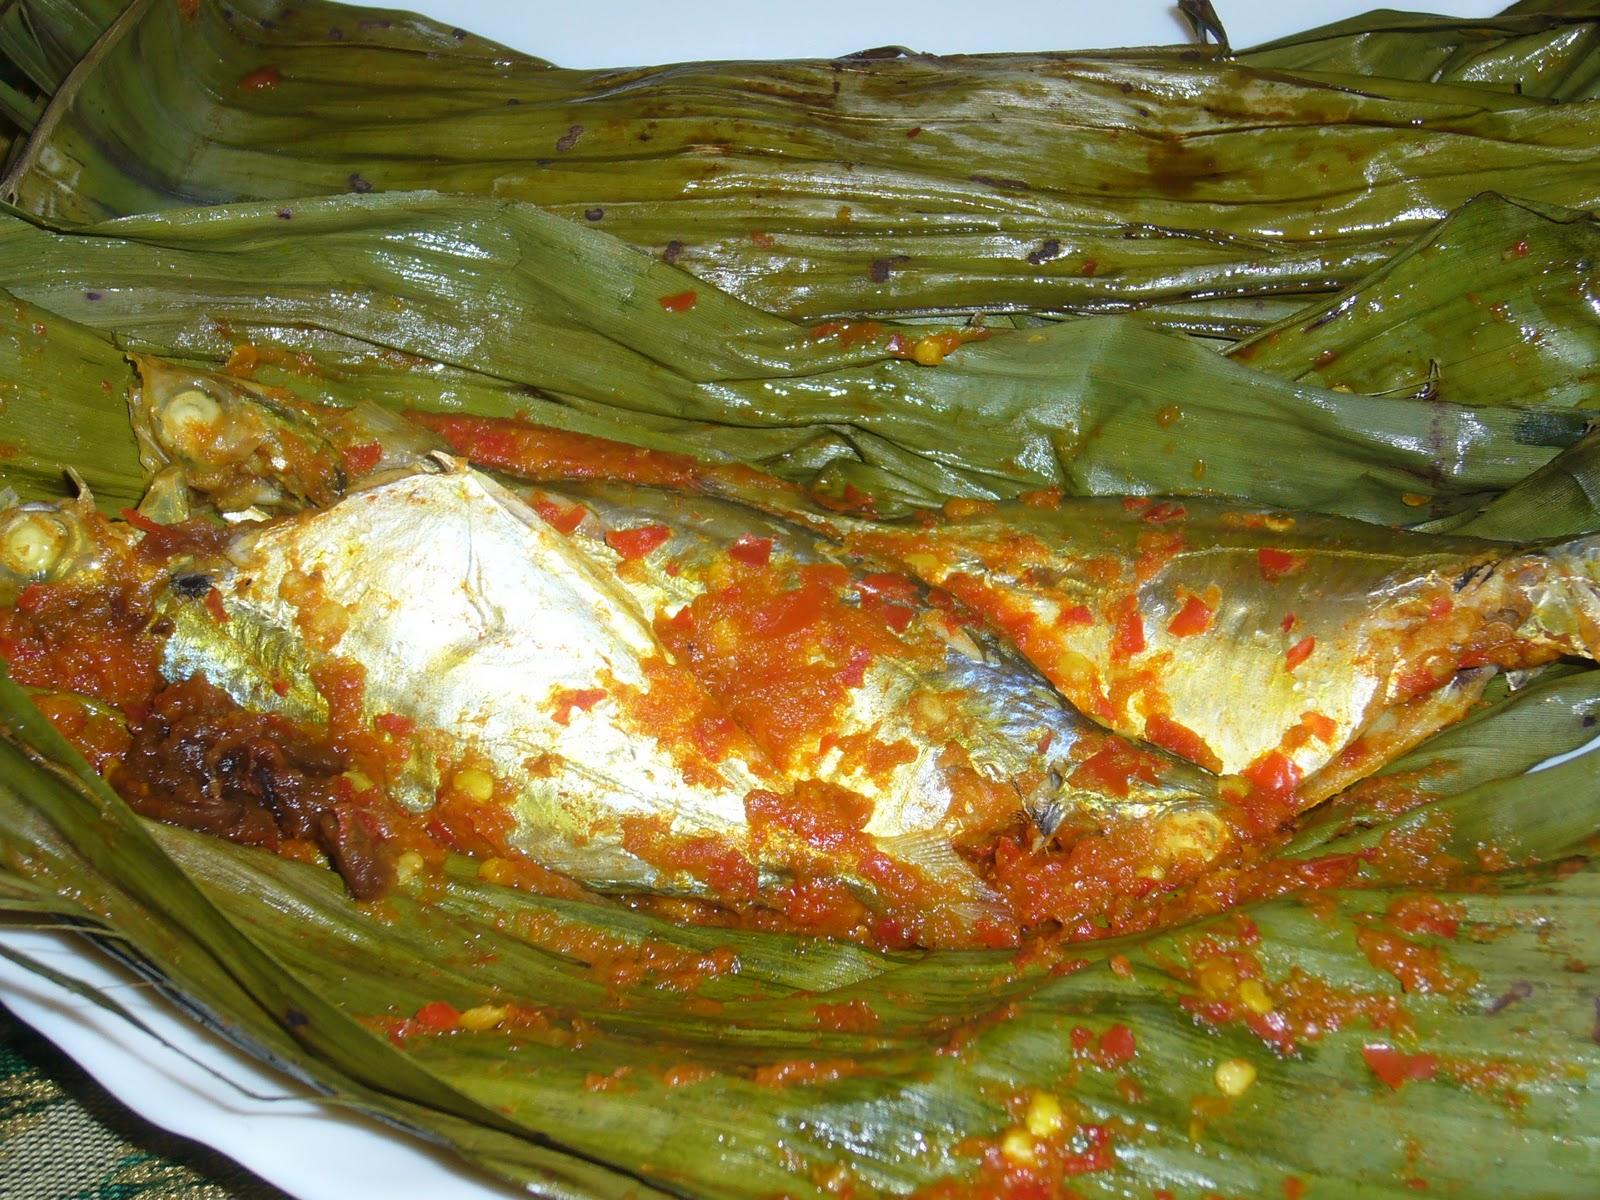 cute oven sayur bening  pais ikan Resepi Ikan Tenggiri Pais Enak dan Mudah